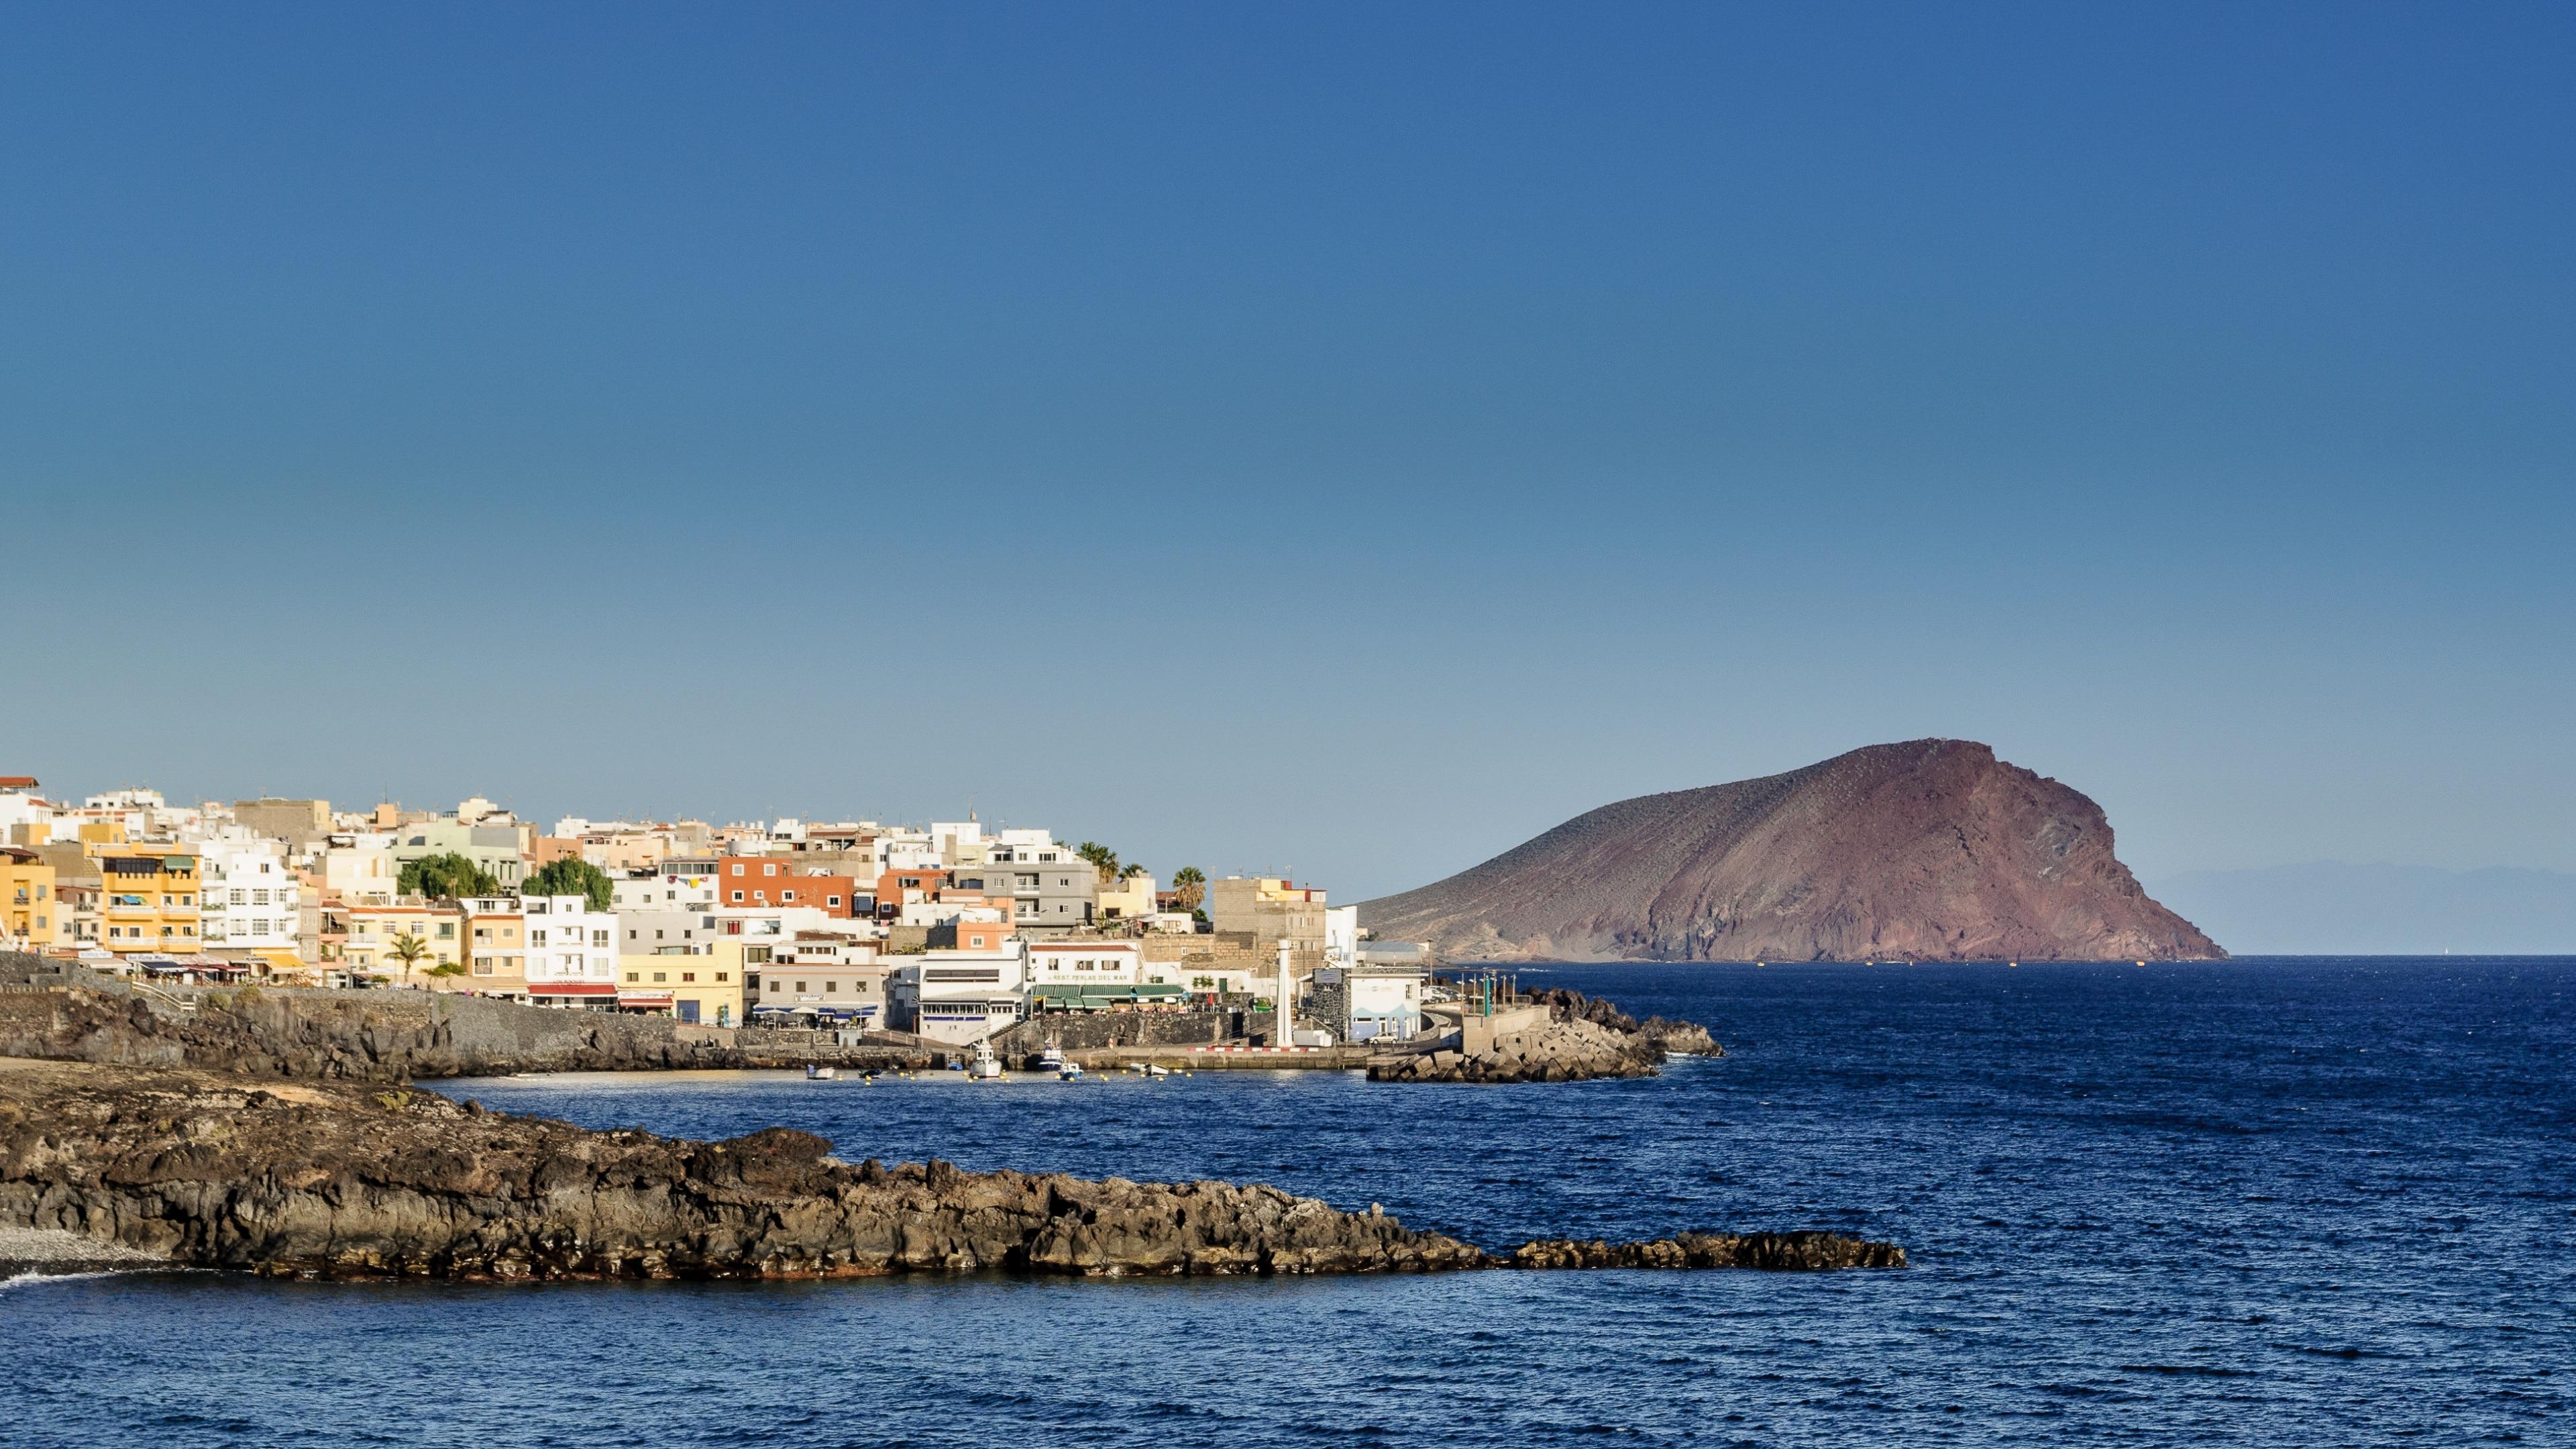 San Miguel de Abona, Canary Islands, Spain